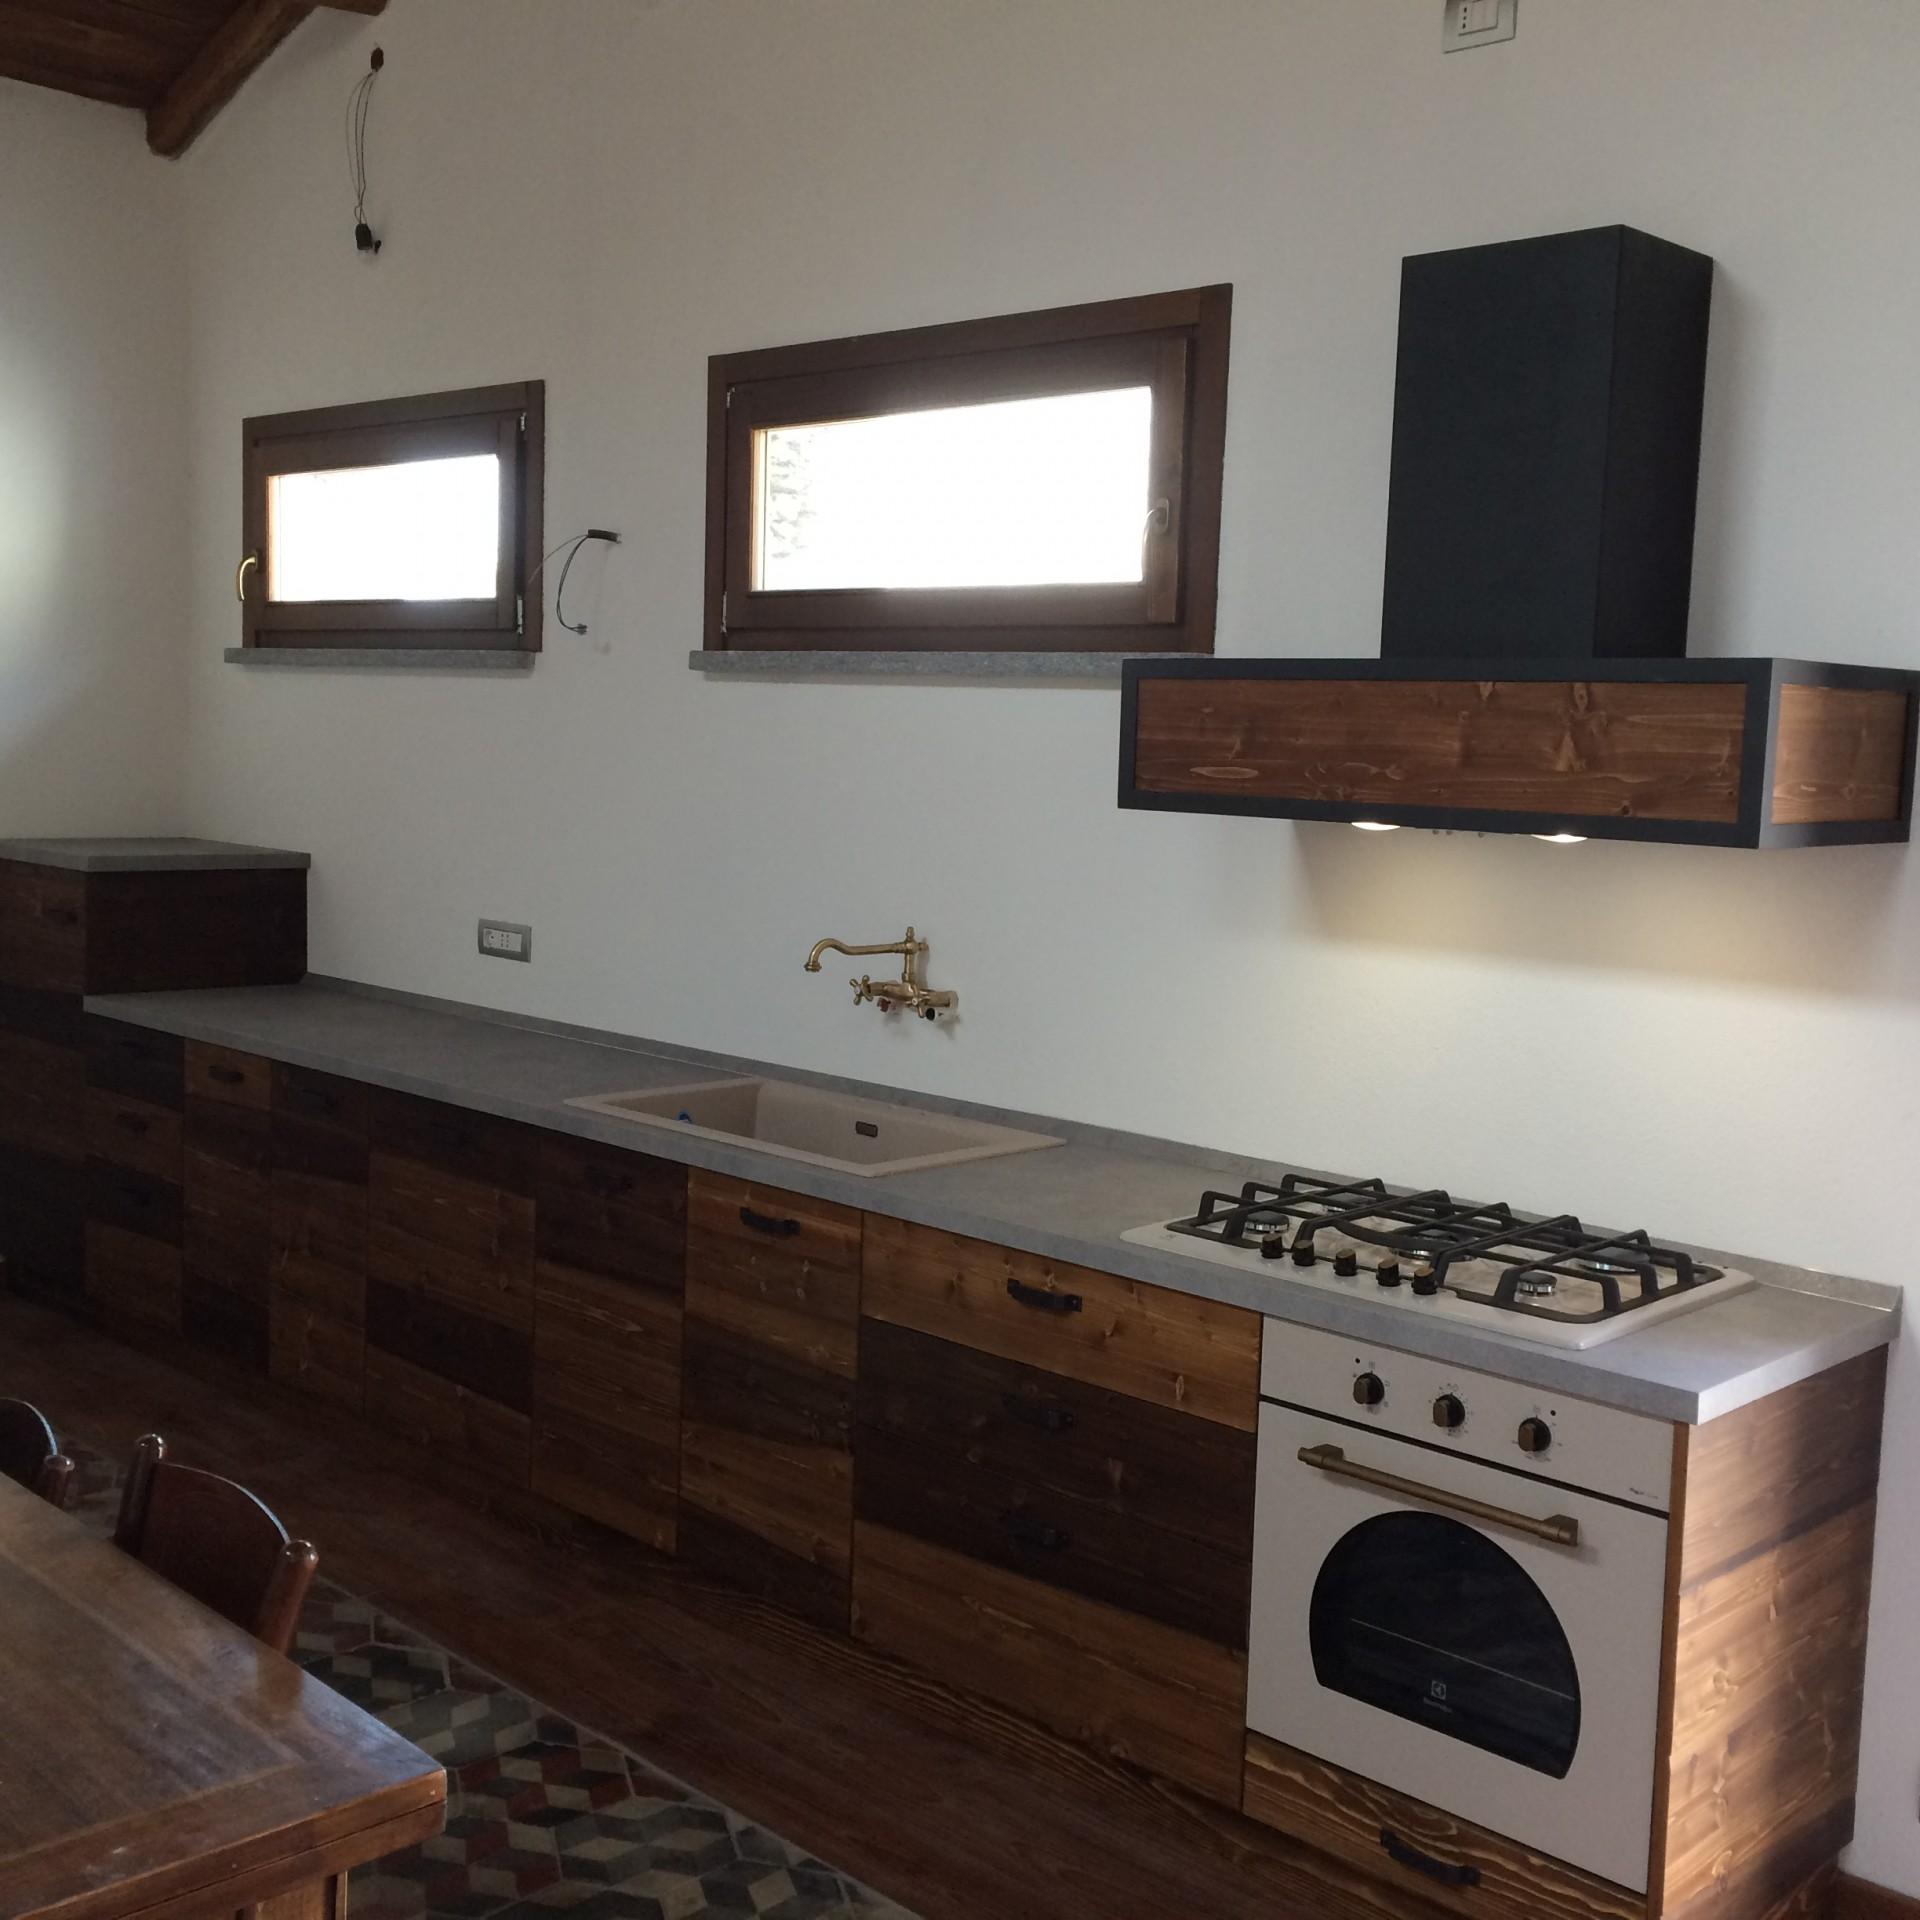 Cucina rustica in legno di abete spazzolato